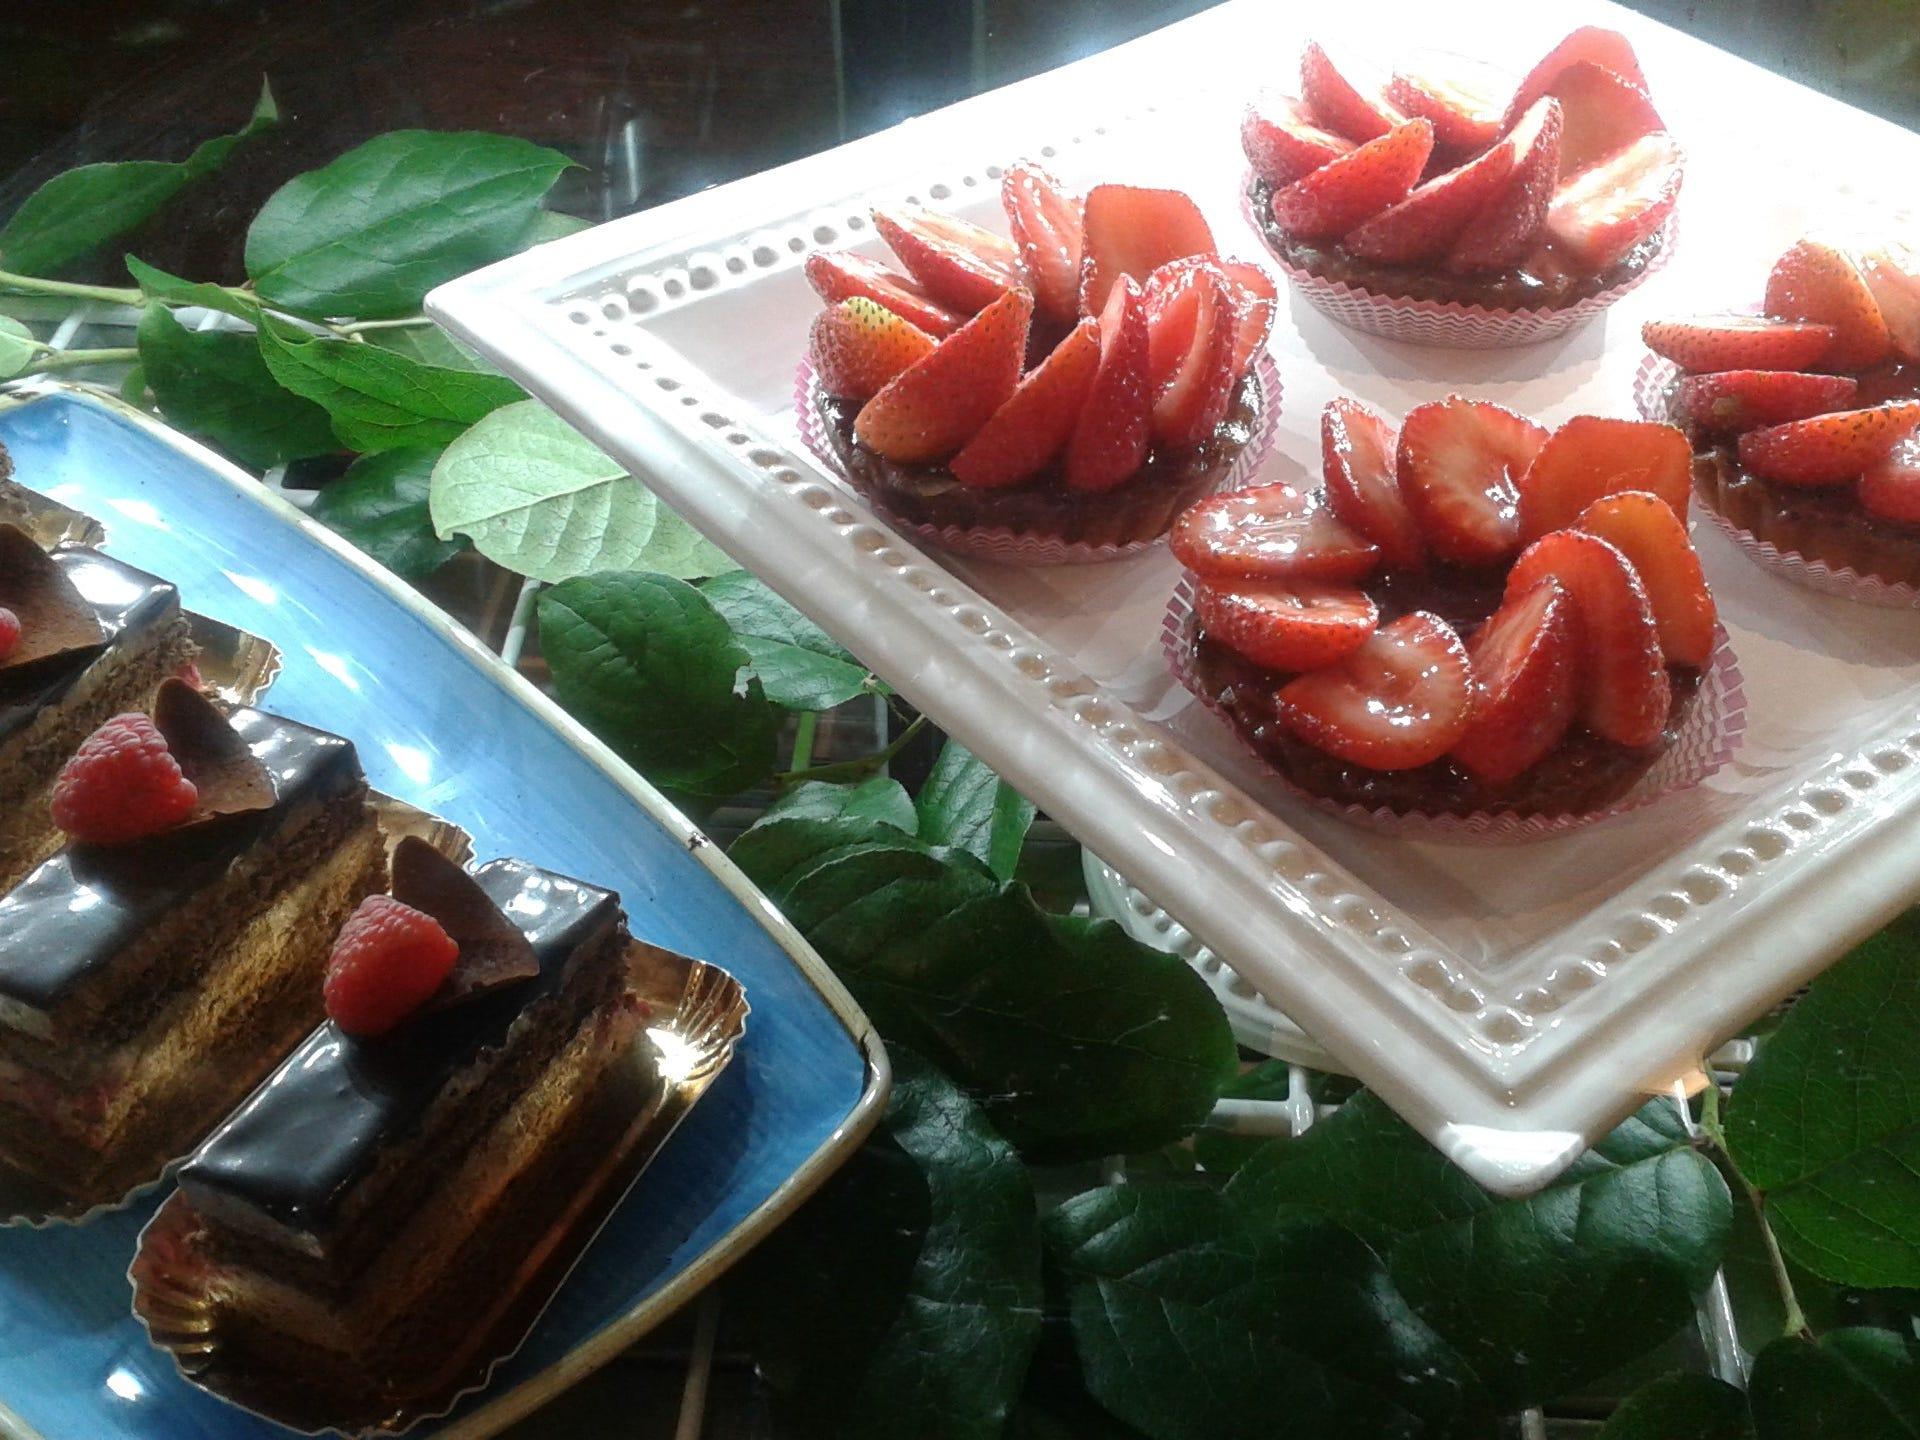 Some of the desserts at Zalman's Delicatessen